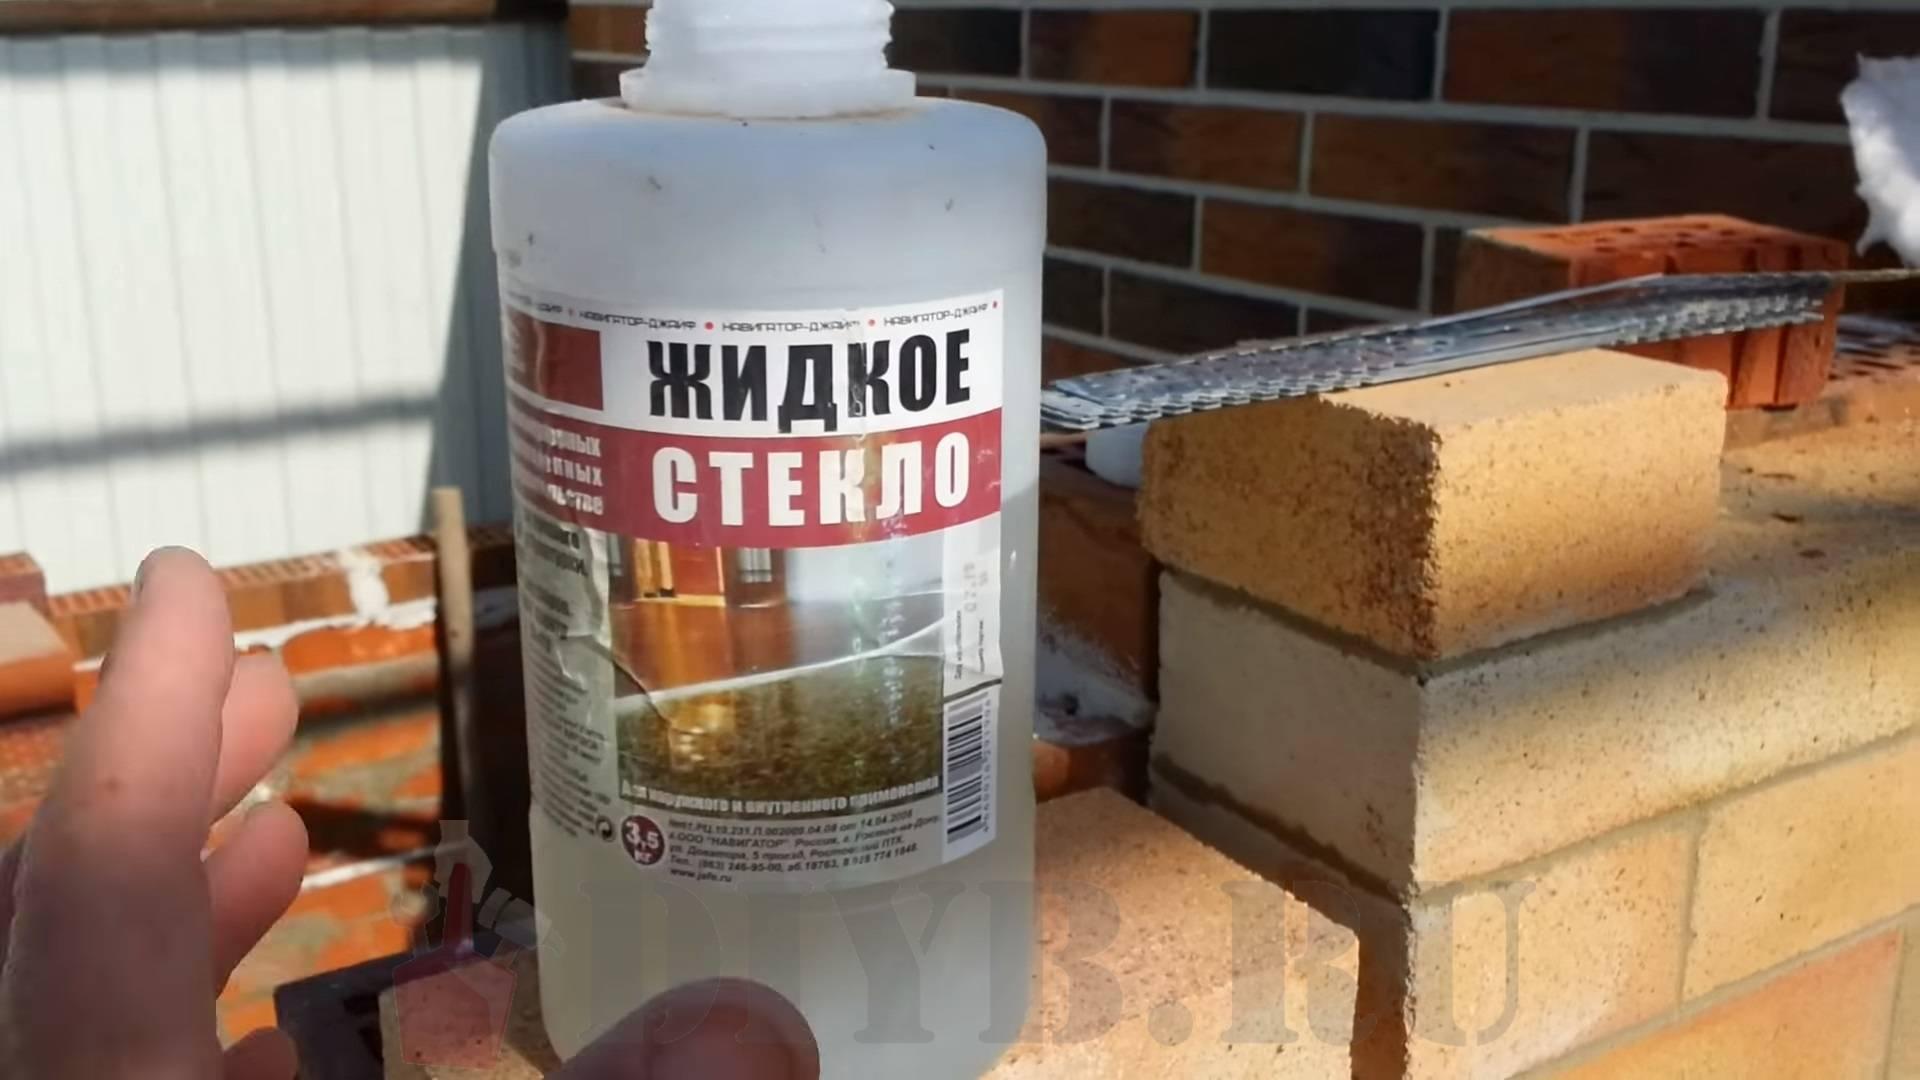 Жидкое стекло и цемент: пропорции раствора и особенности